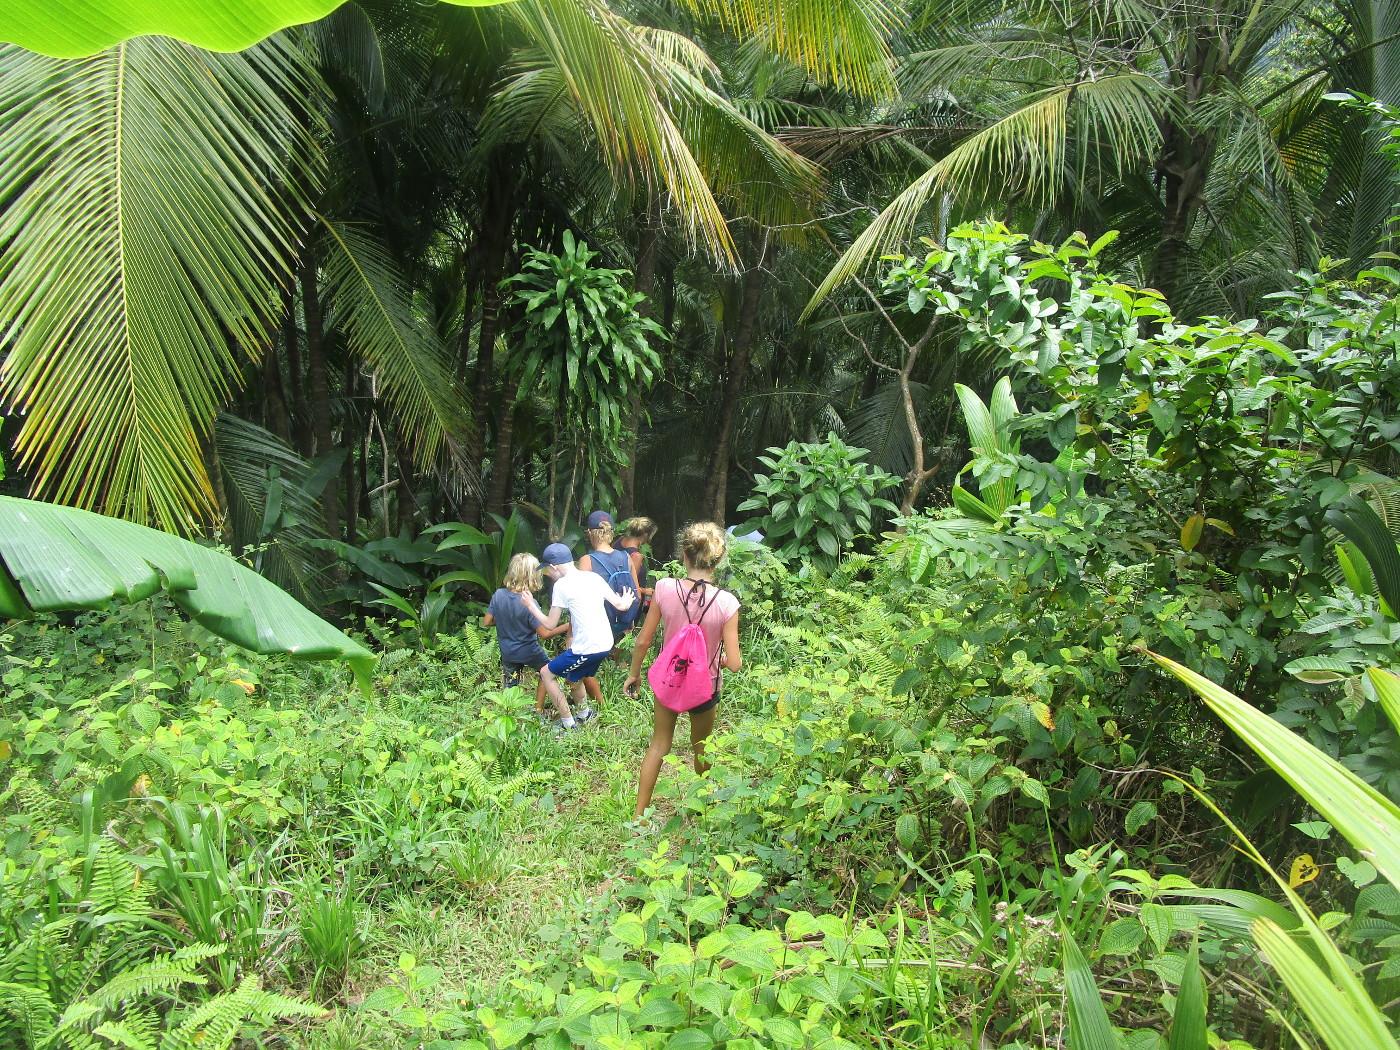 Vandring rakt in i regnskogen